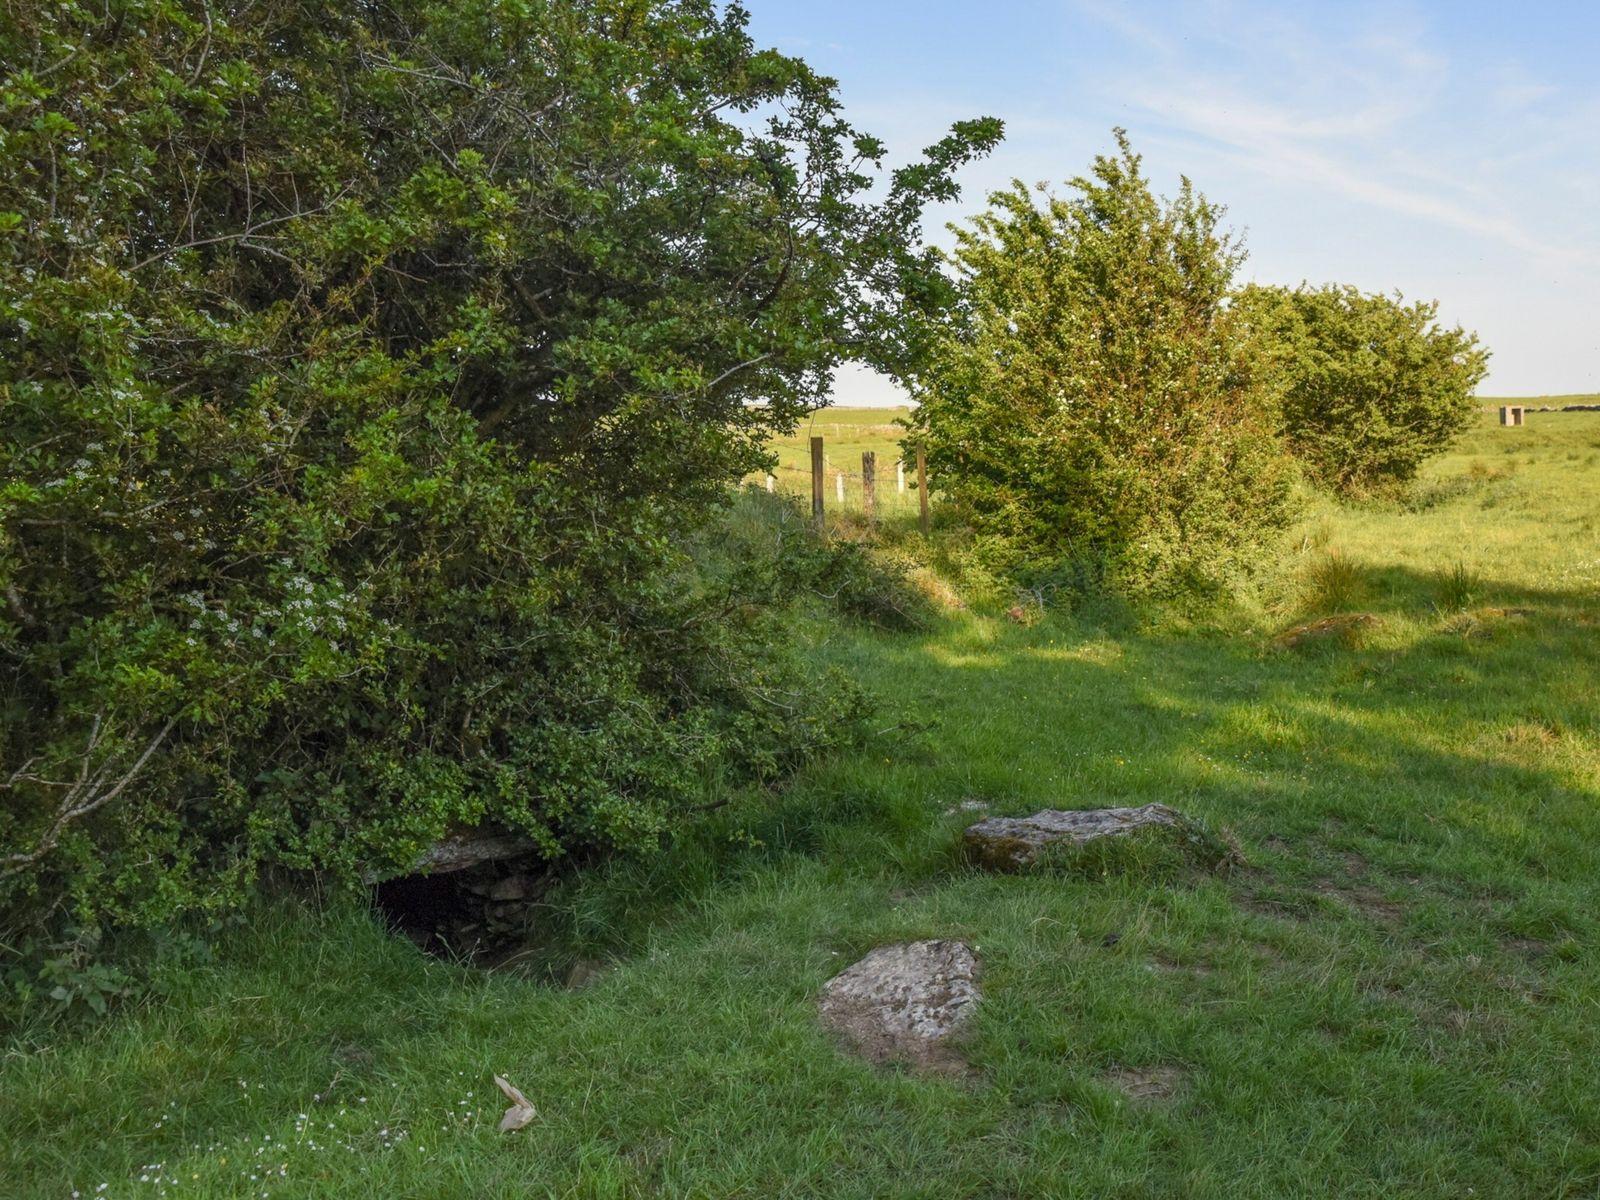 Der unauffällige Eingang zur Oweynagat-Höhle in Rathcroghan, Irland, verrät auf den ersten Blick nichts über seine ...